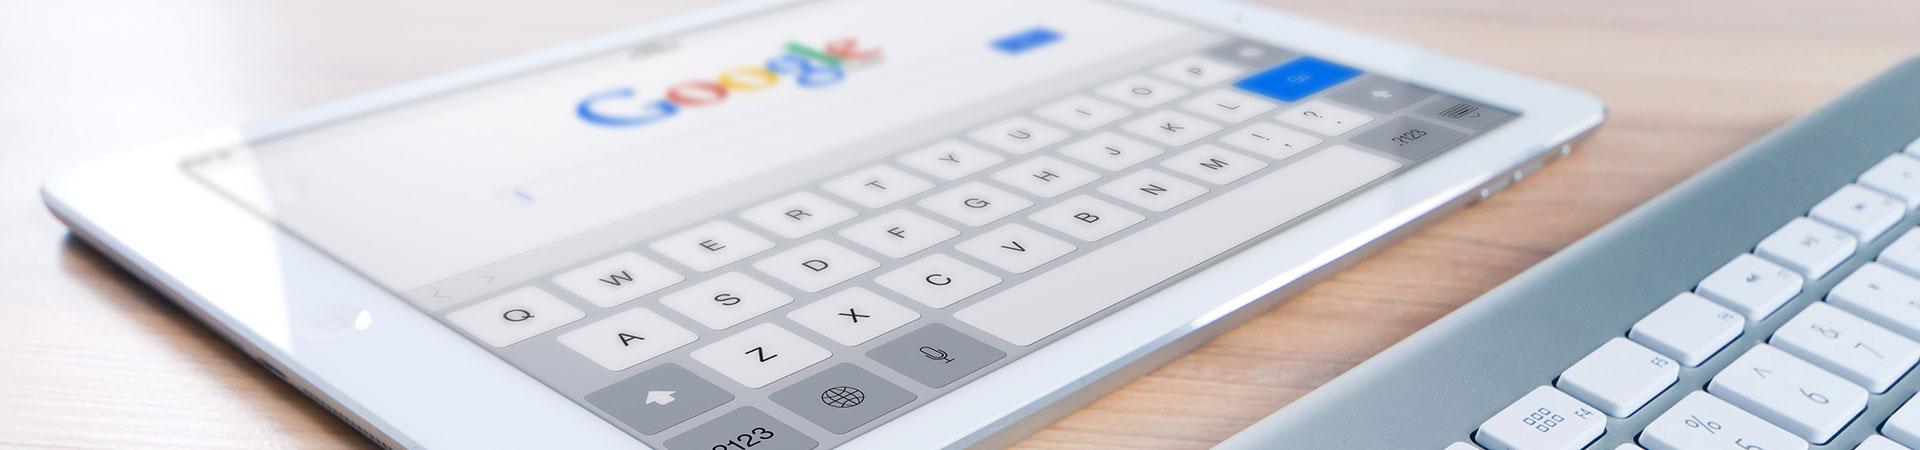 Google cambia su algoritmo de búsquedas a partir del 21 de abril de 2015